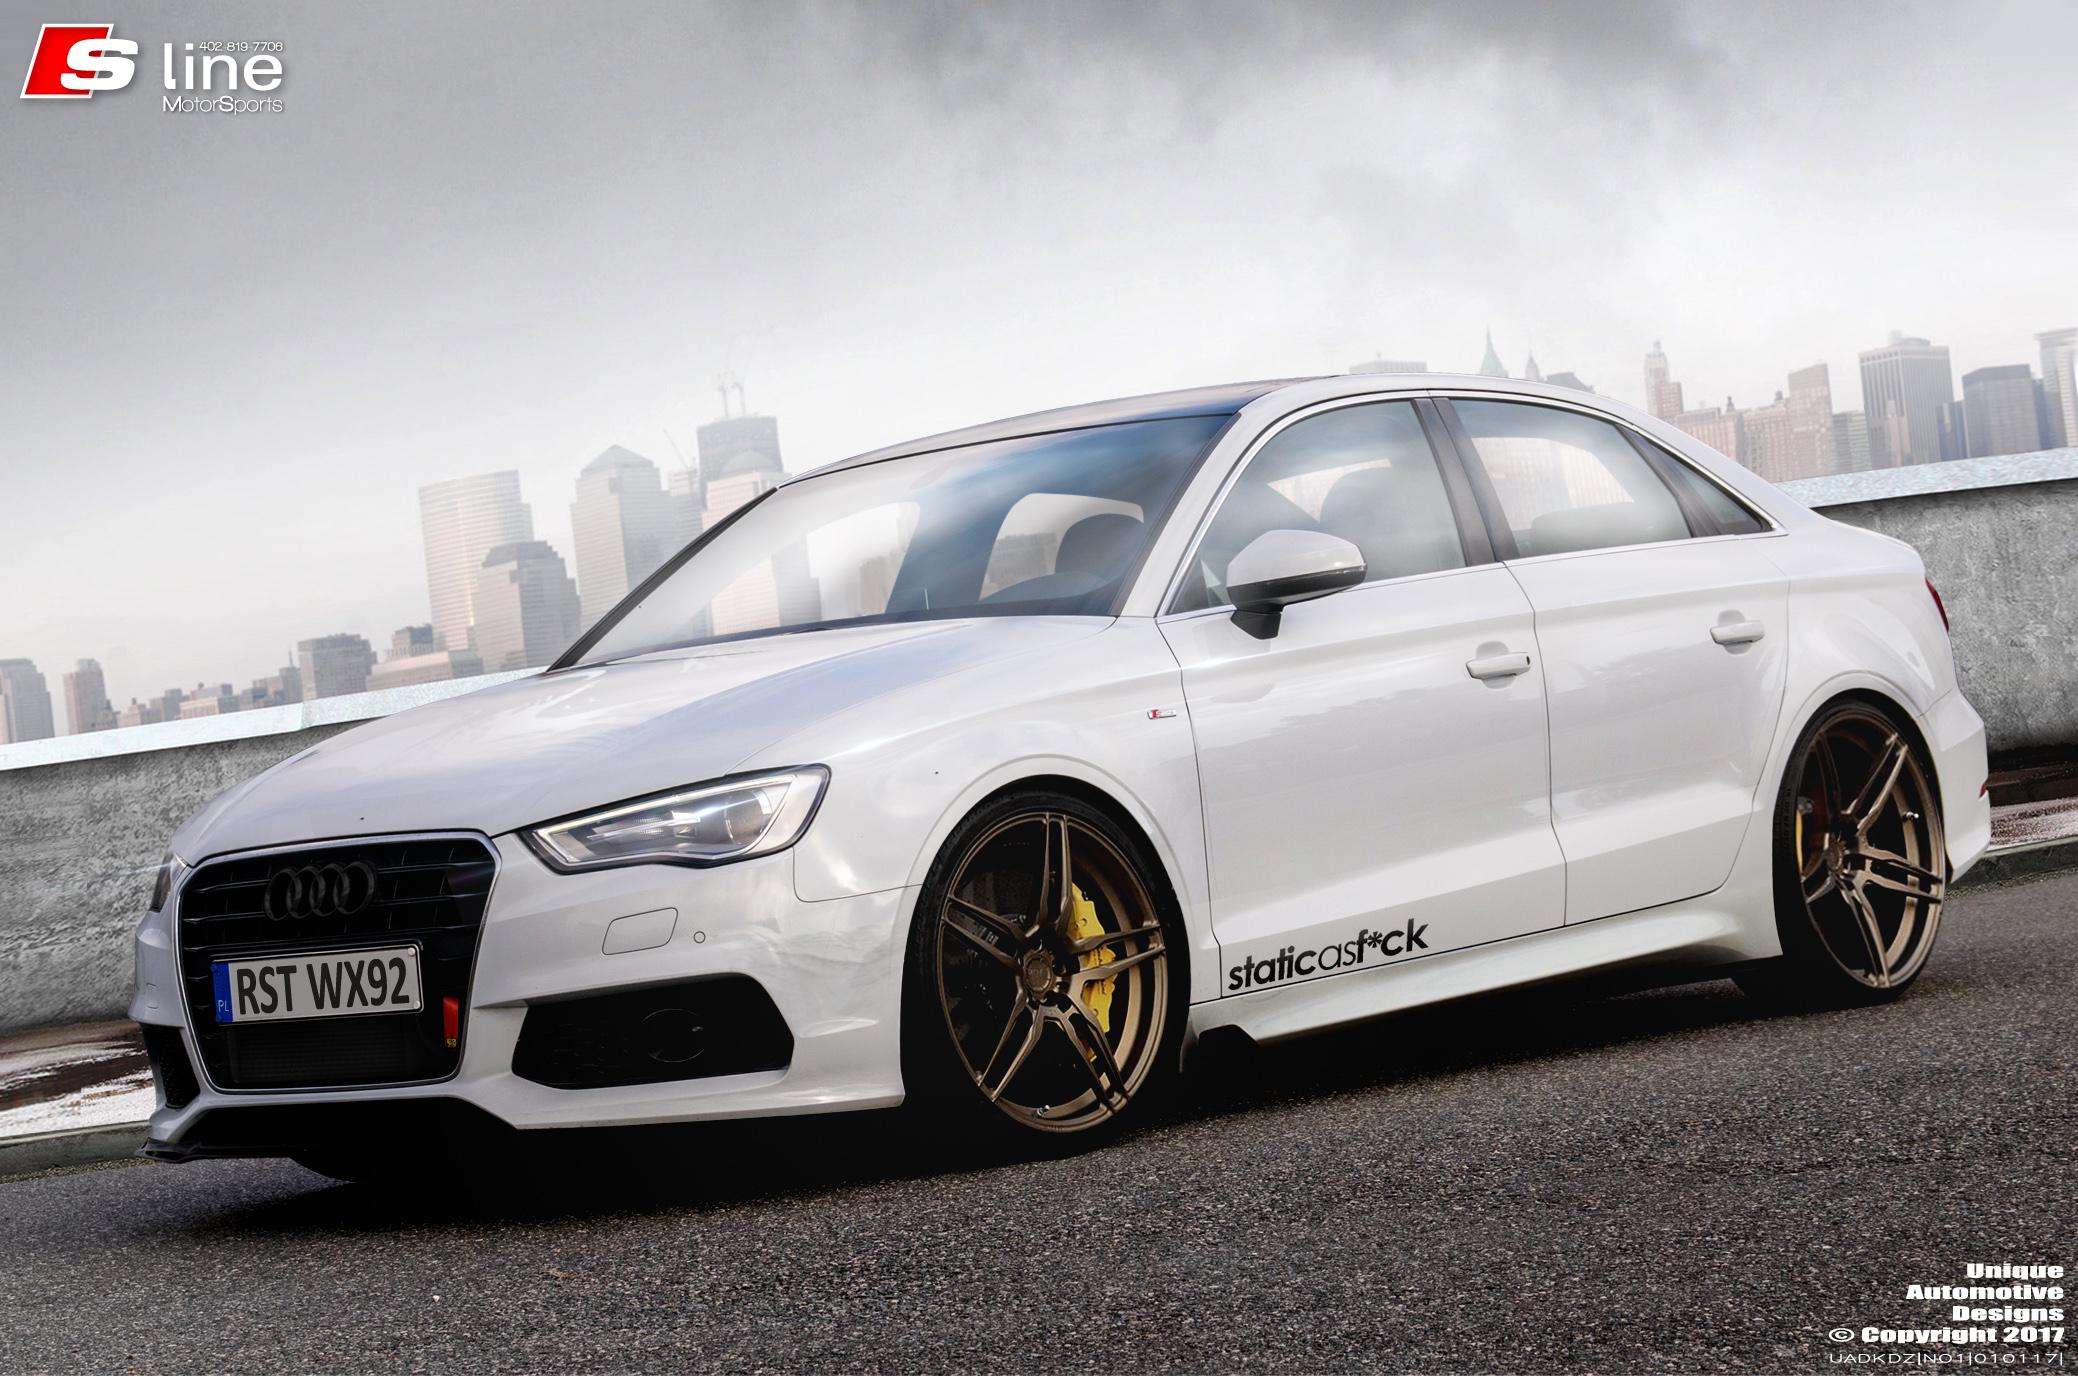 Audi_S3_sedan_by_KonradD.jpg